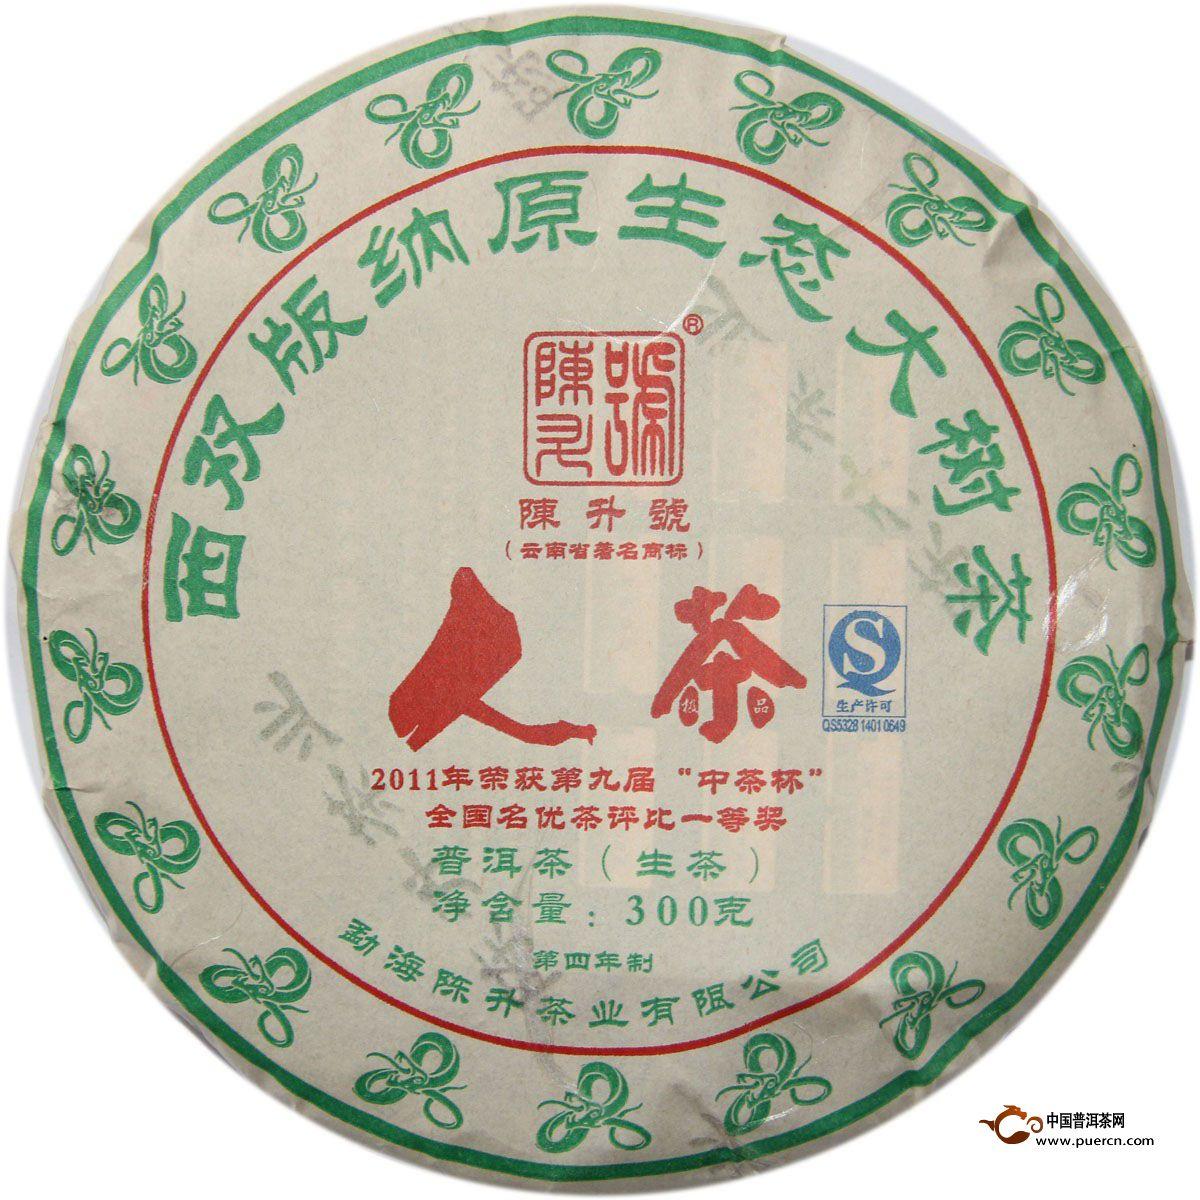 2013年陈升号人茶(生茶) 300克